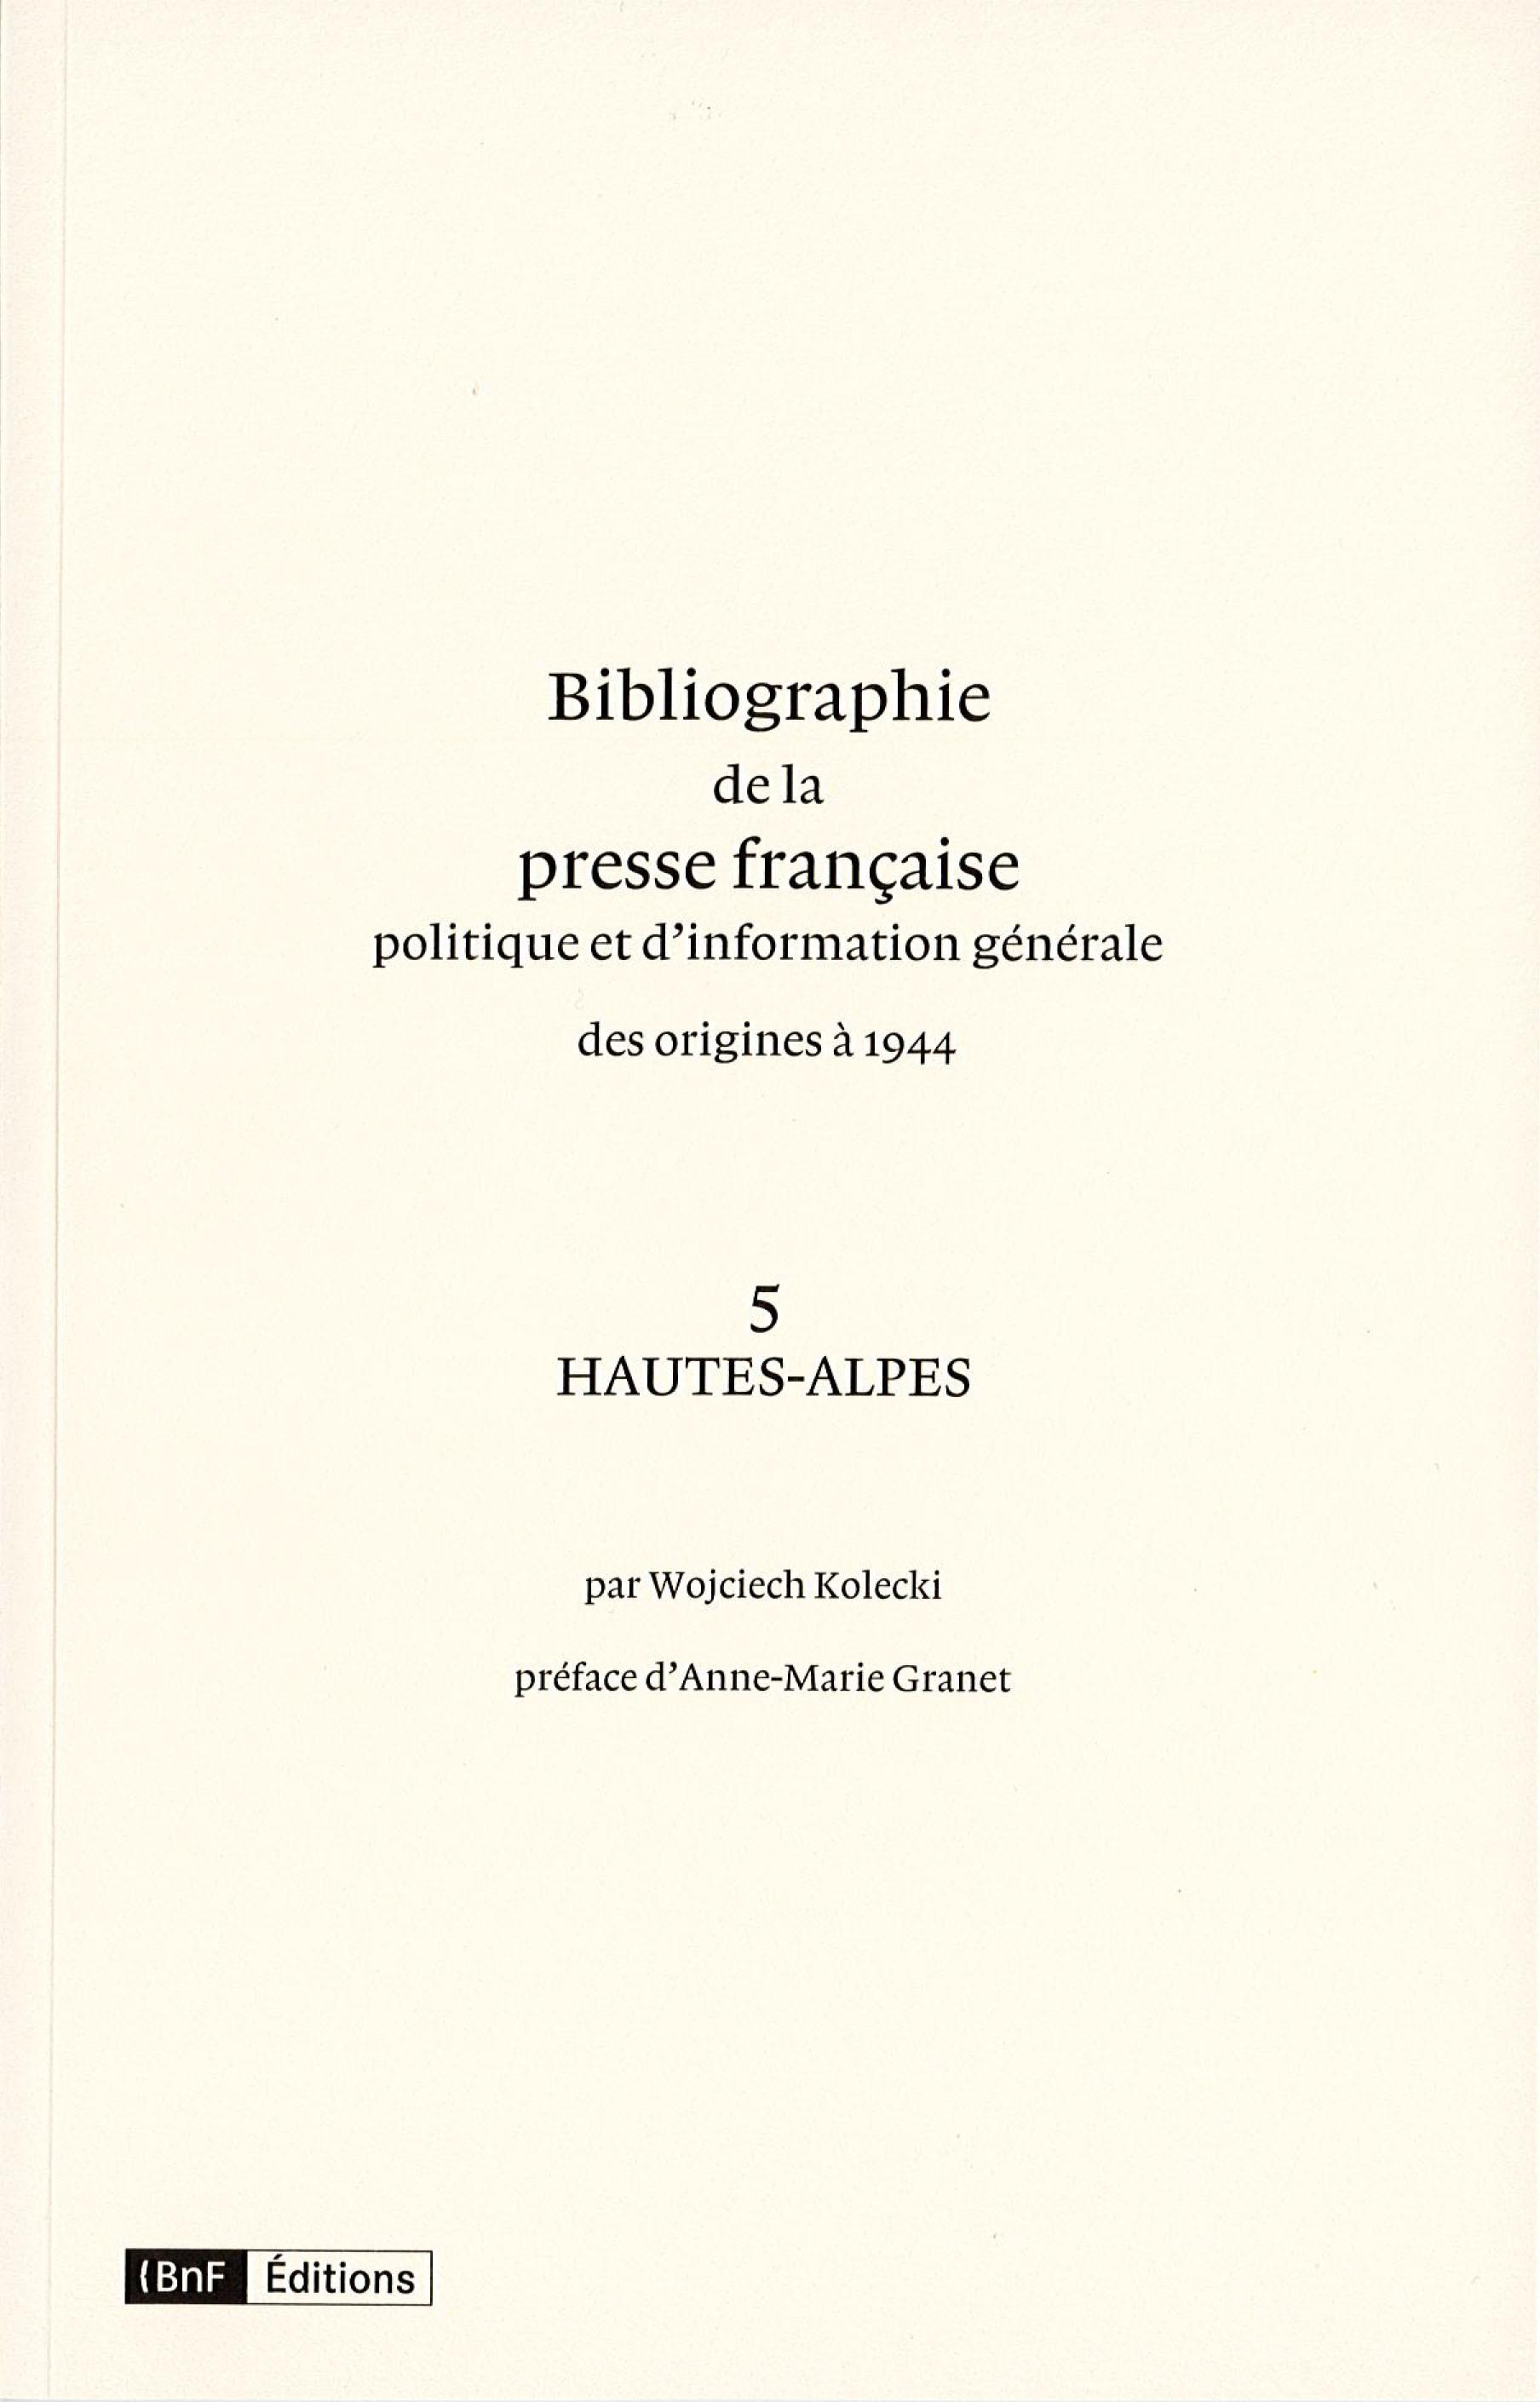 BIBLIOGRAPHIE DE LA PRESSE FRANCAISE DES ORIGINES A 1944. 5. HAUTES-ALPES